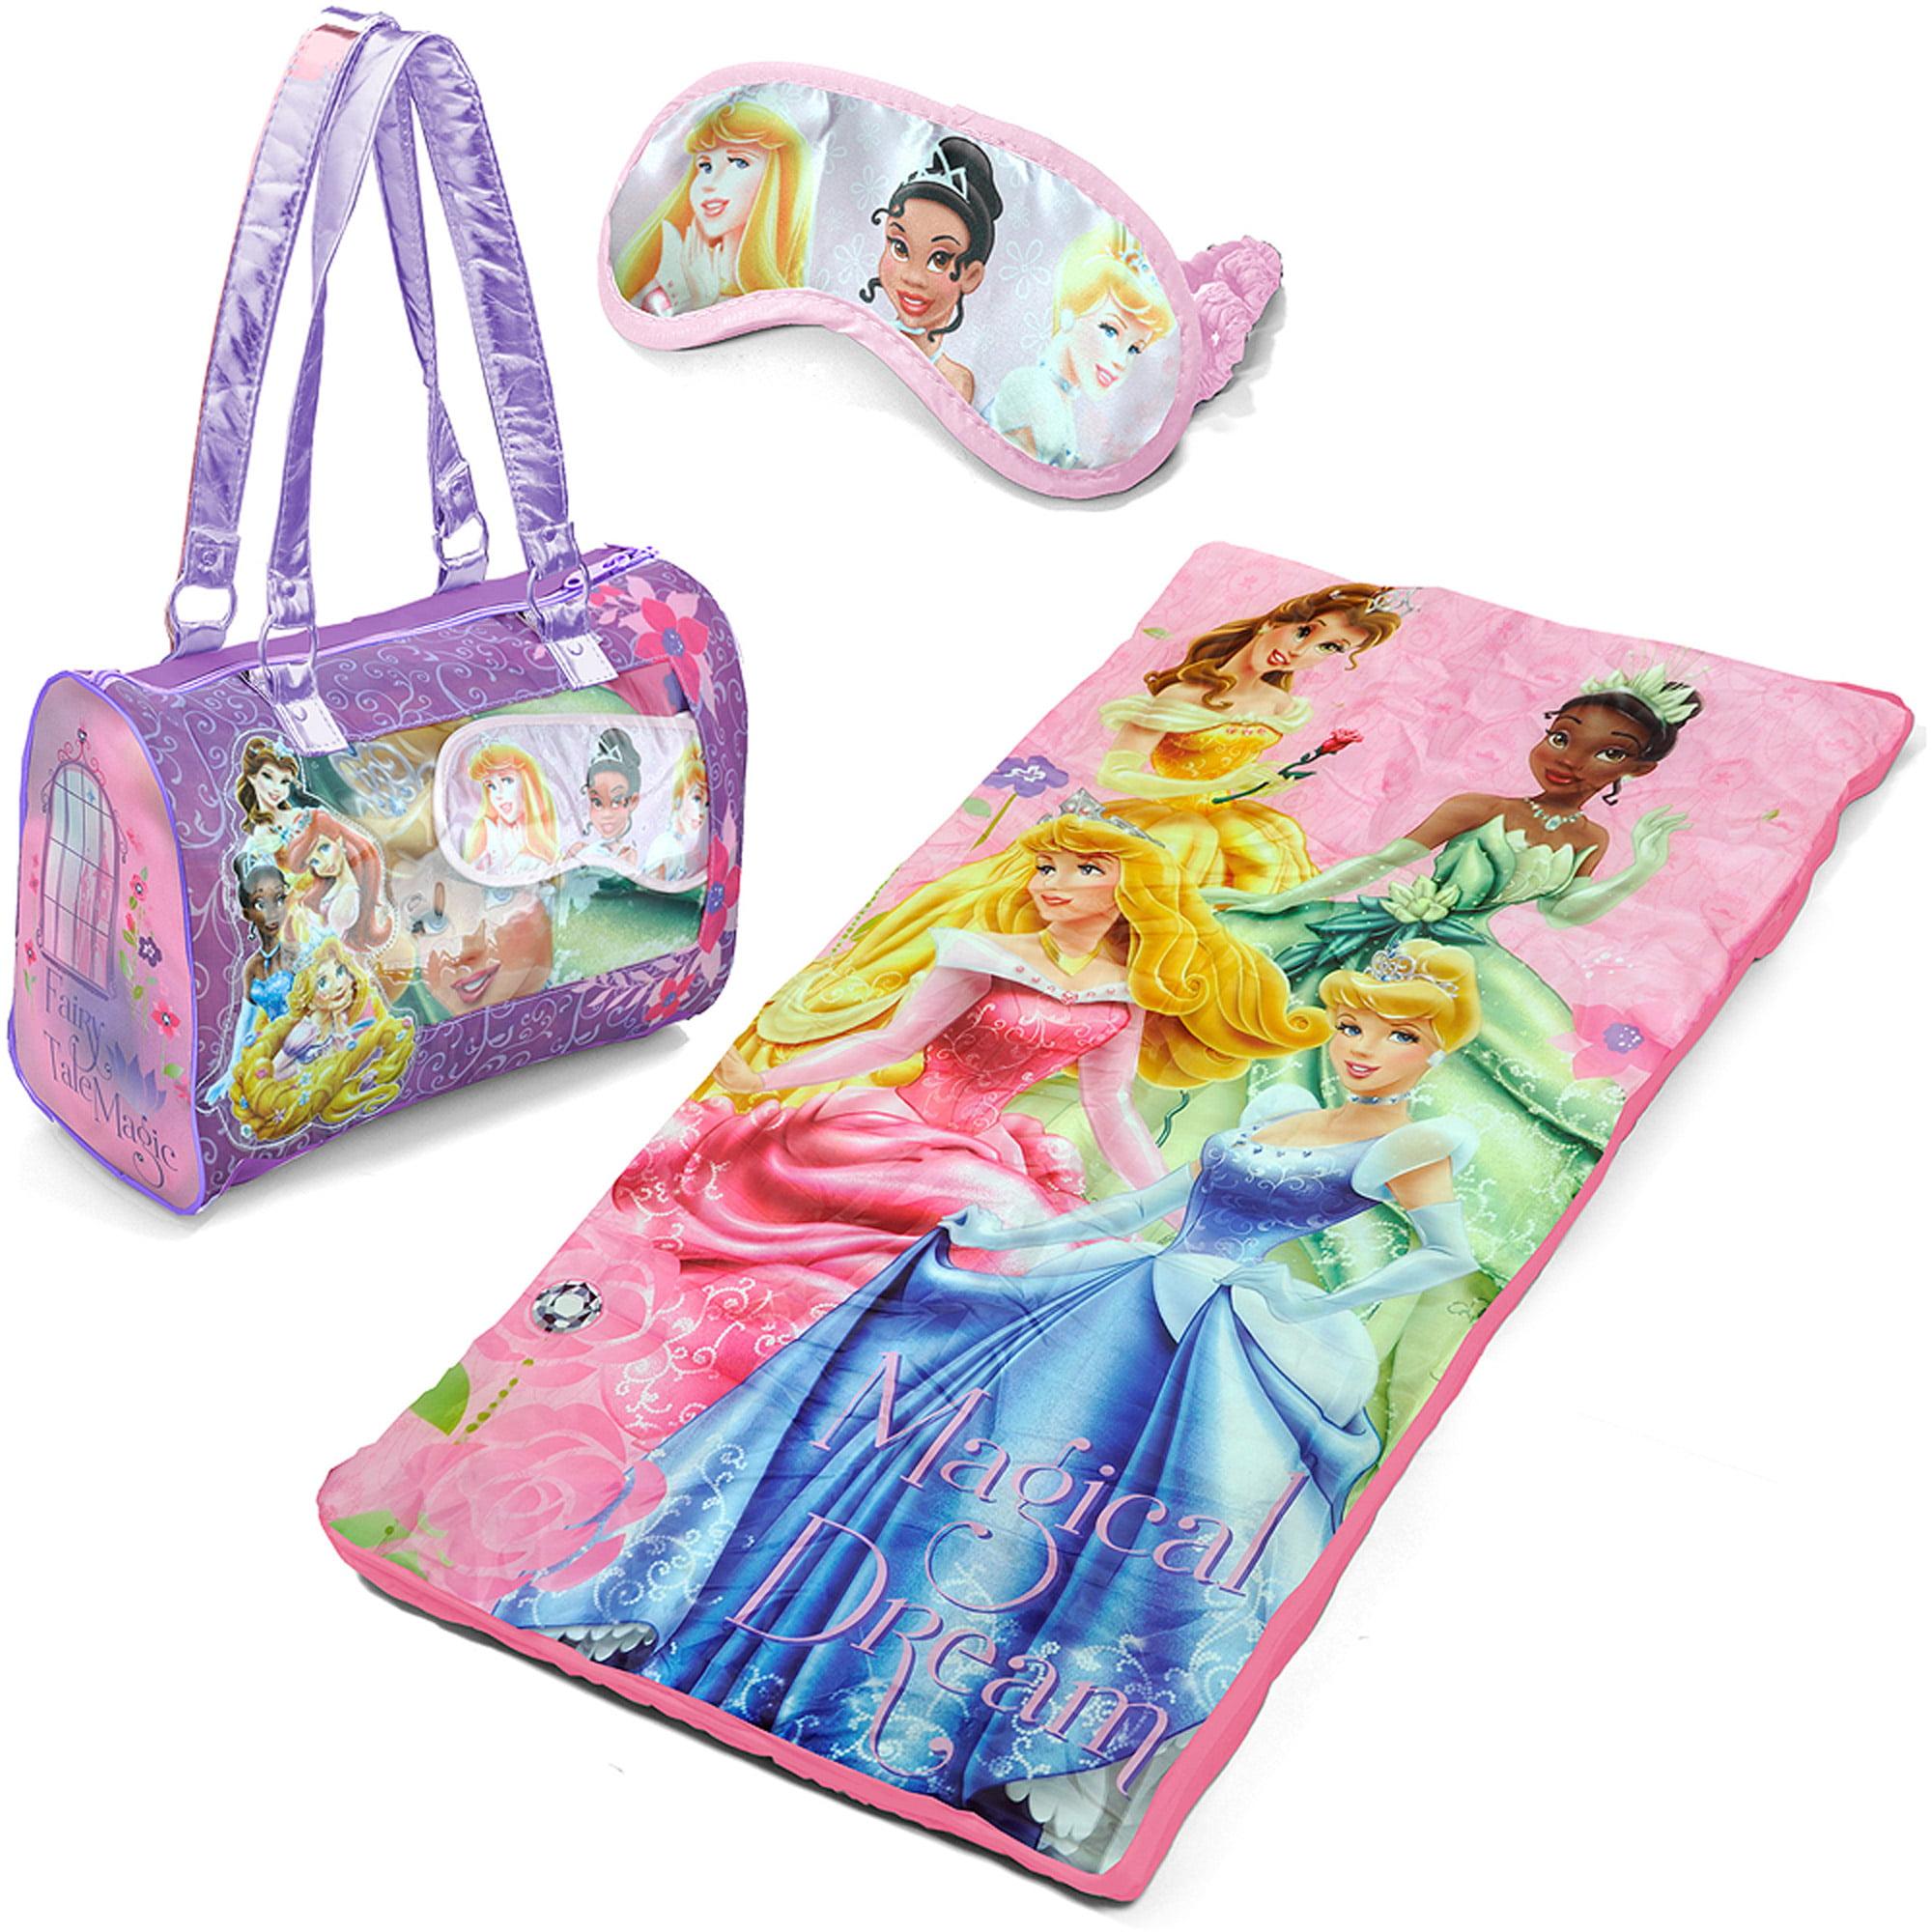 Disney Princess Sleepover Slumber Sack Nap Mat With Purse